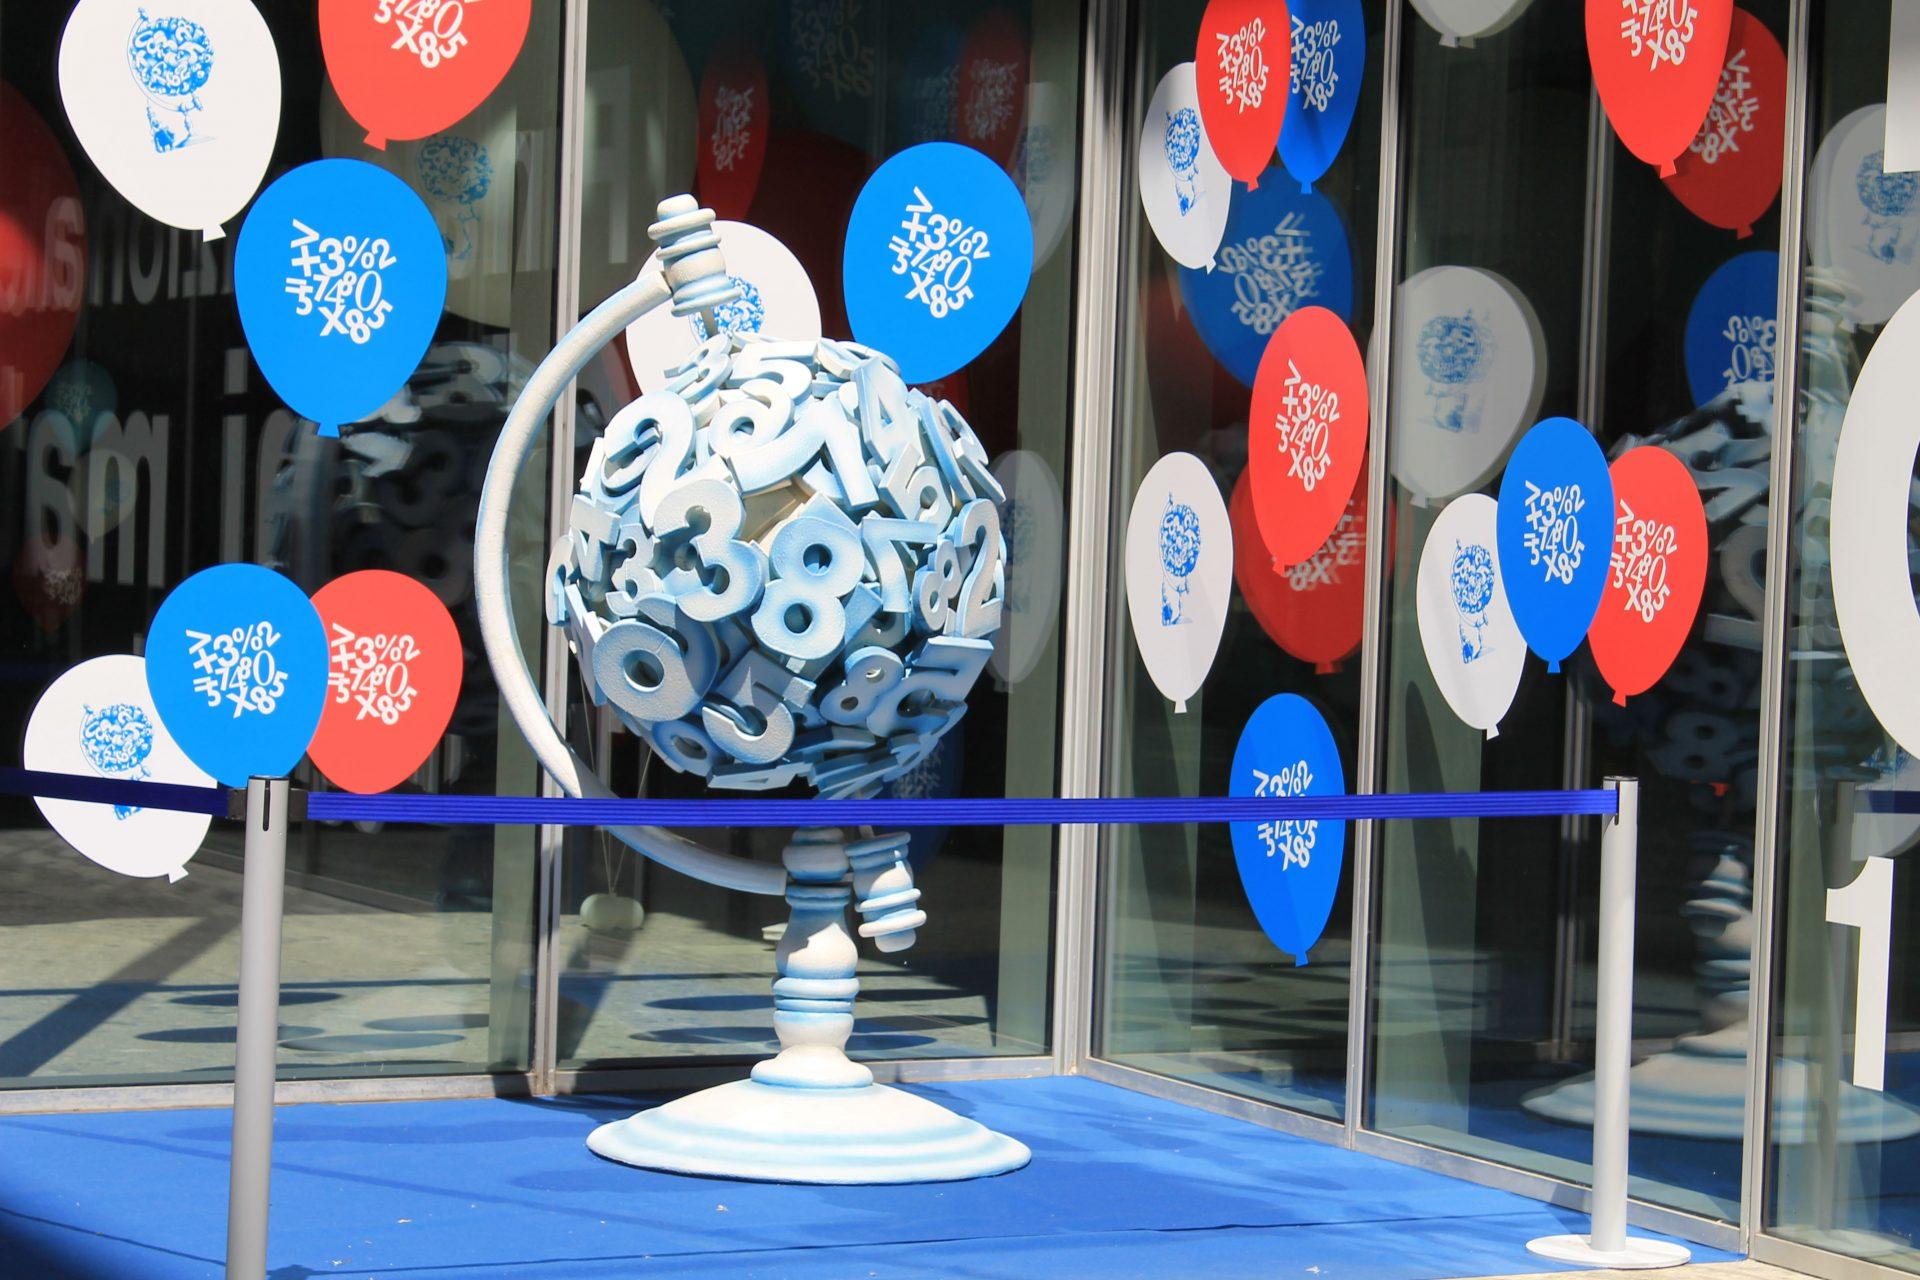 Campionati internazionali di giochi matematici (giochi della Bocconi)